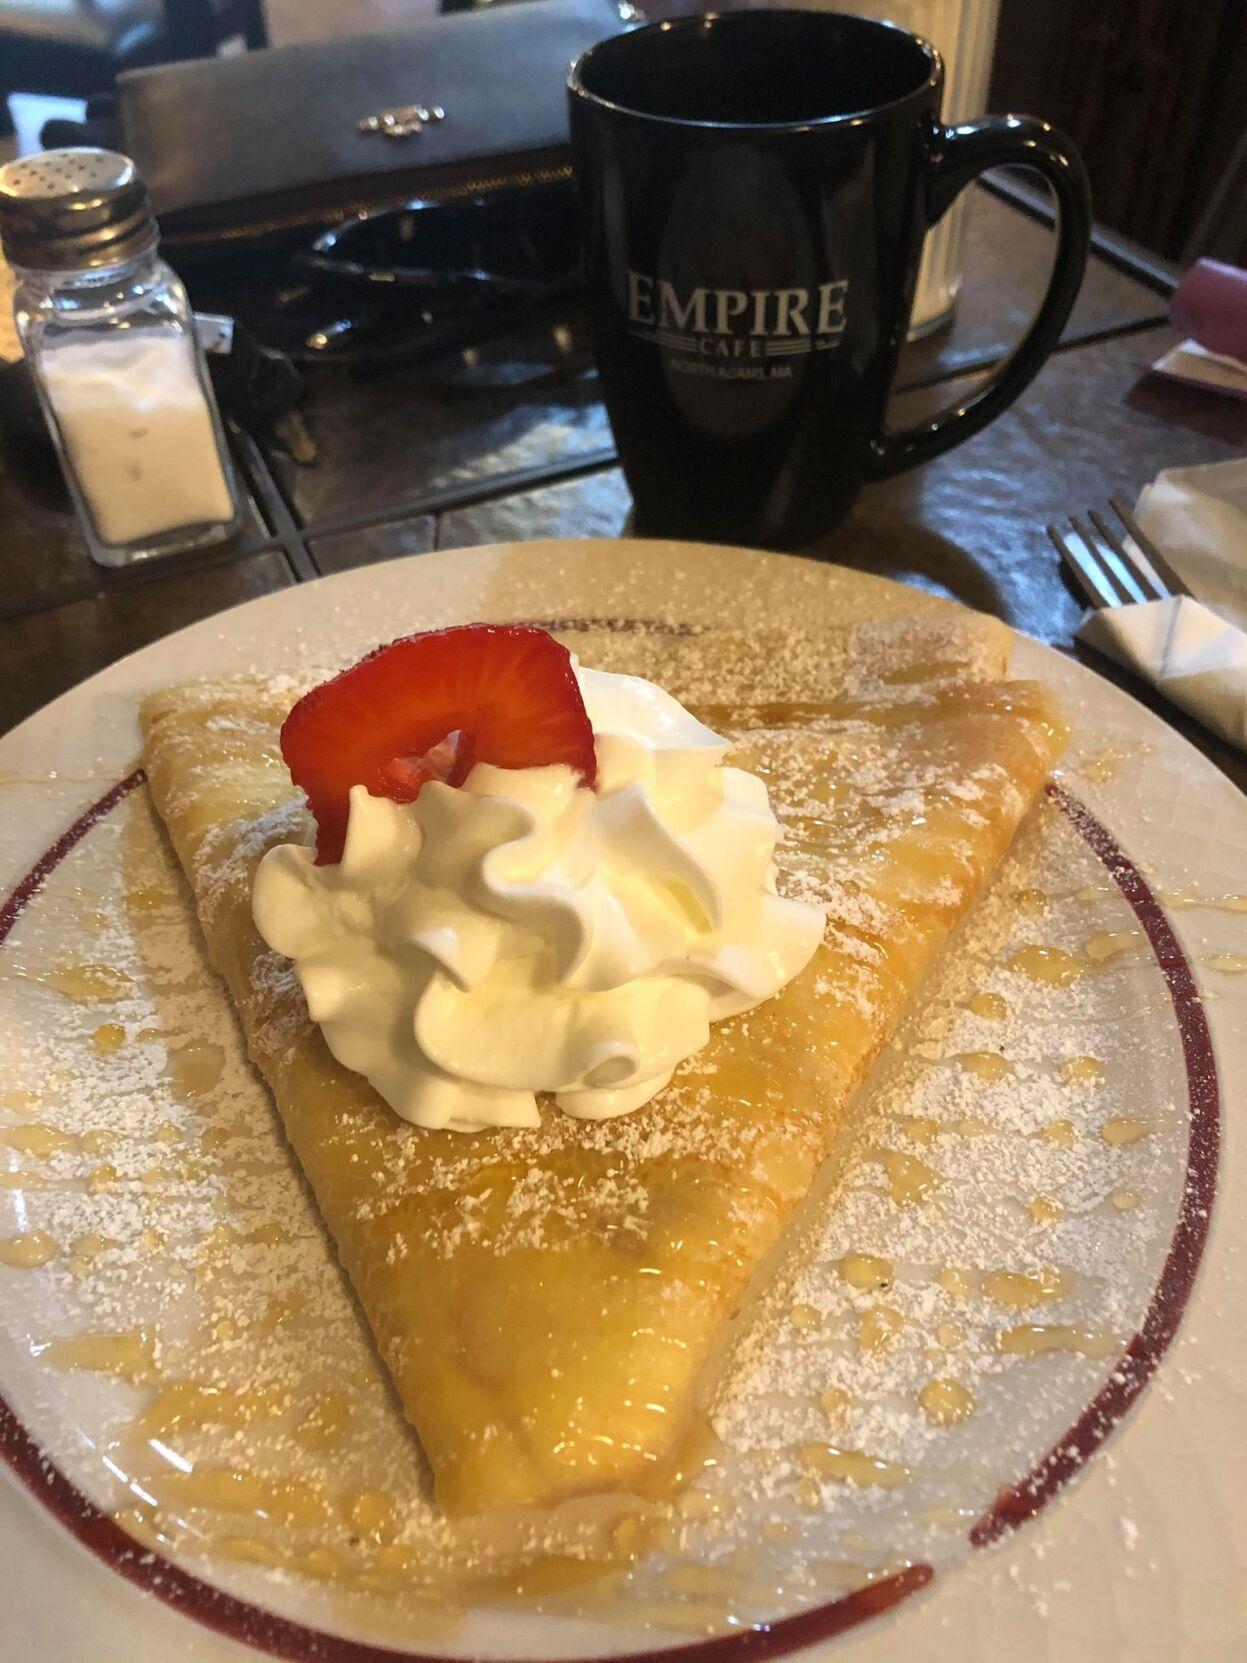 Empire Cafe